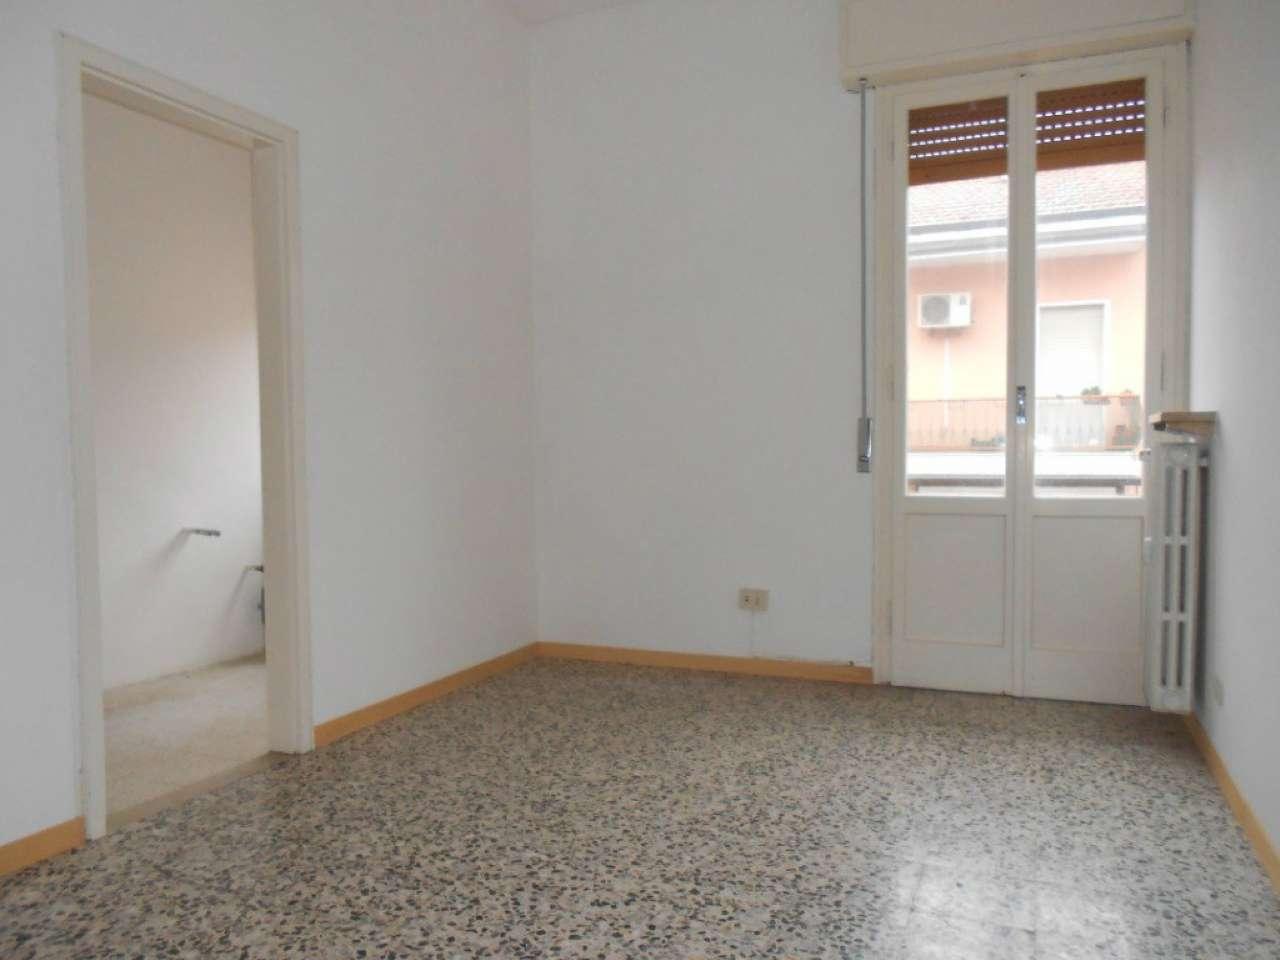 Appartamento in vendita a Modena, 4 locali, prezzo € 140.000 | Cambio Casa.it